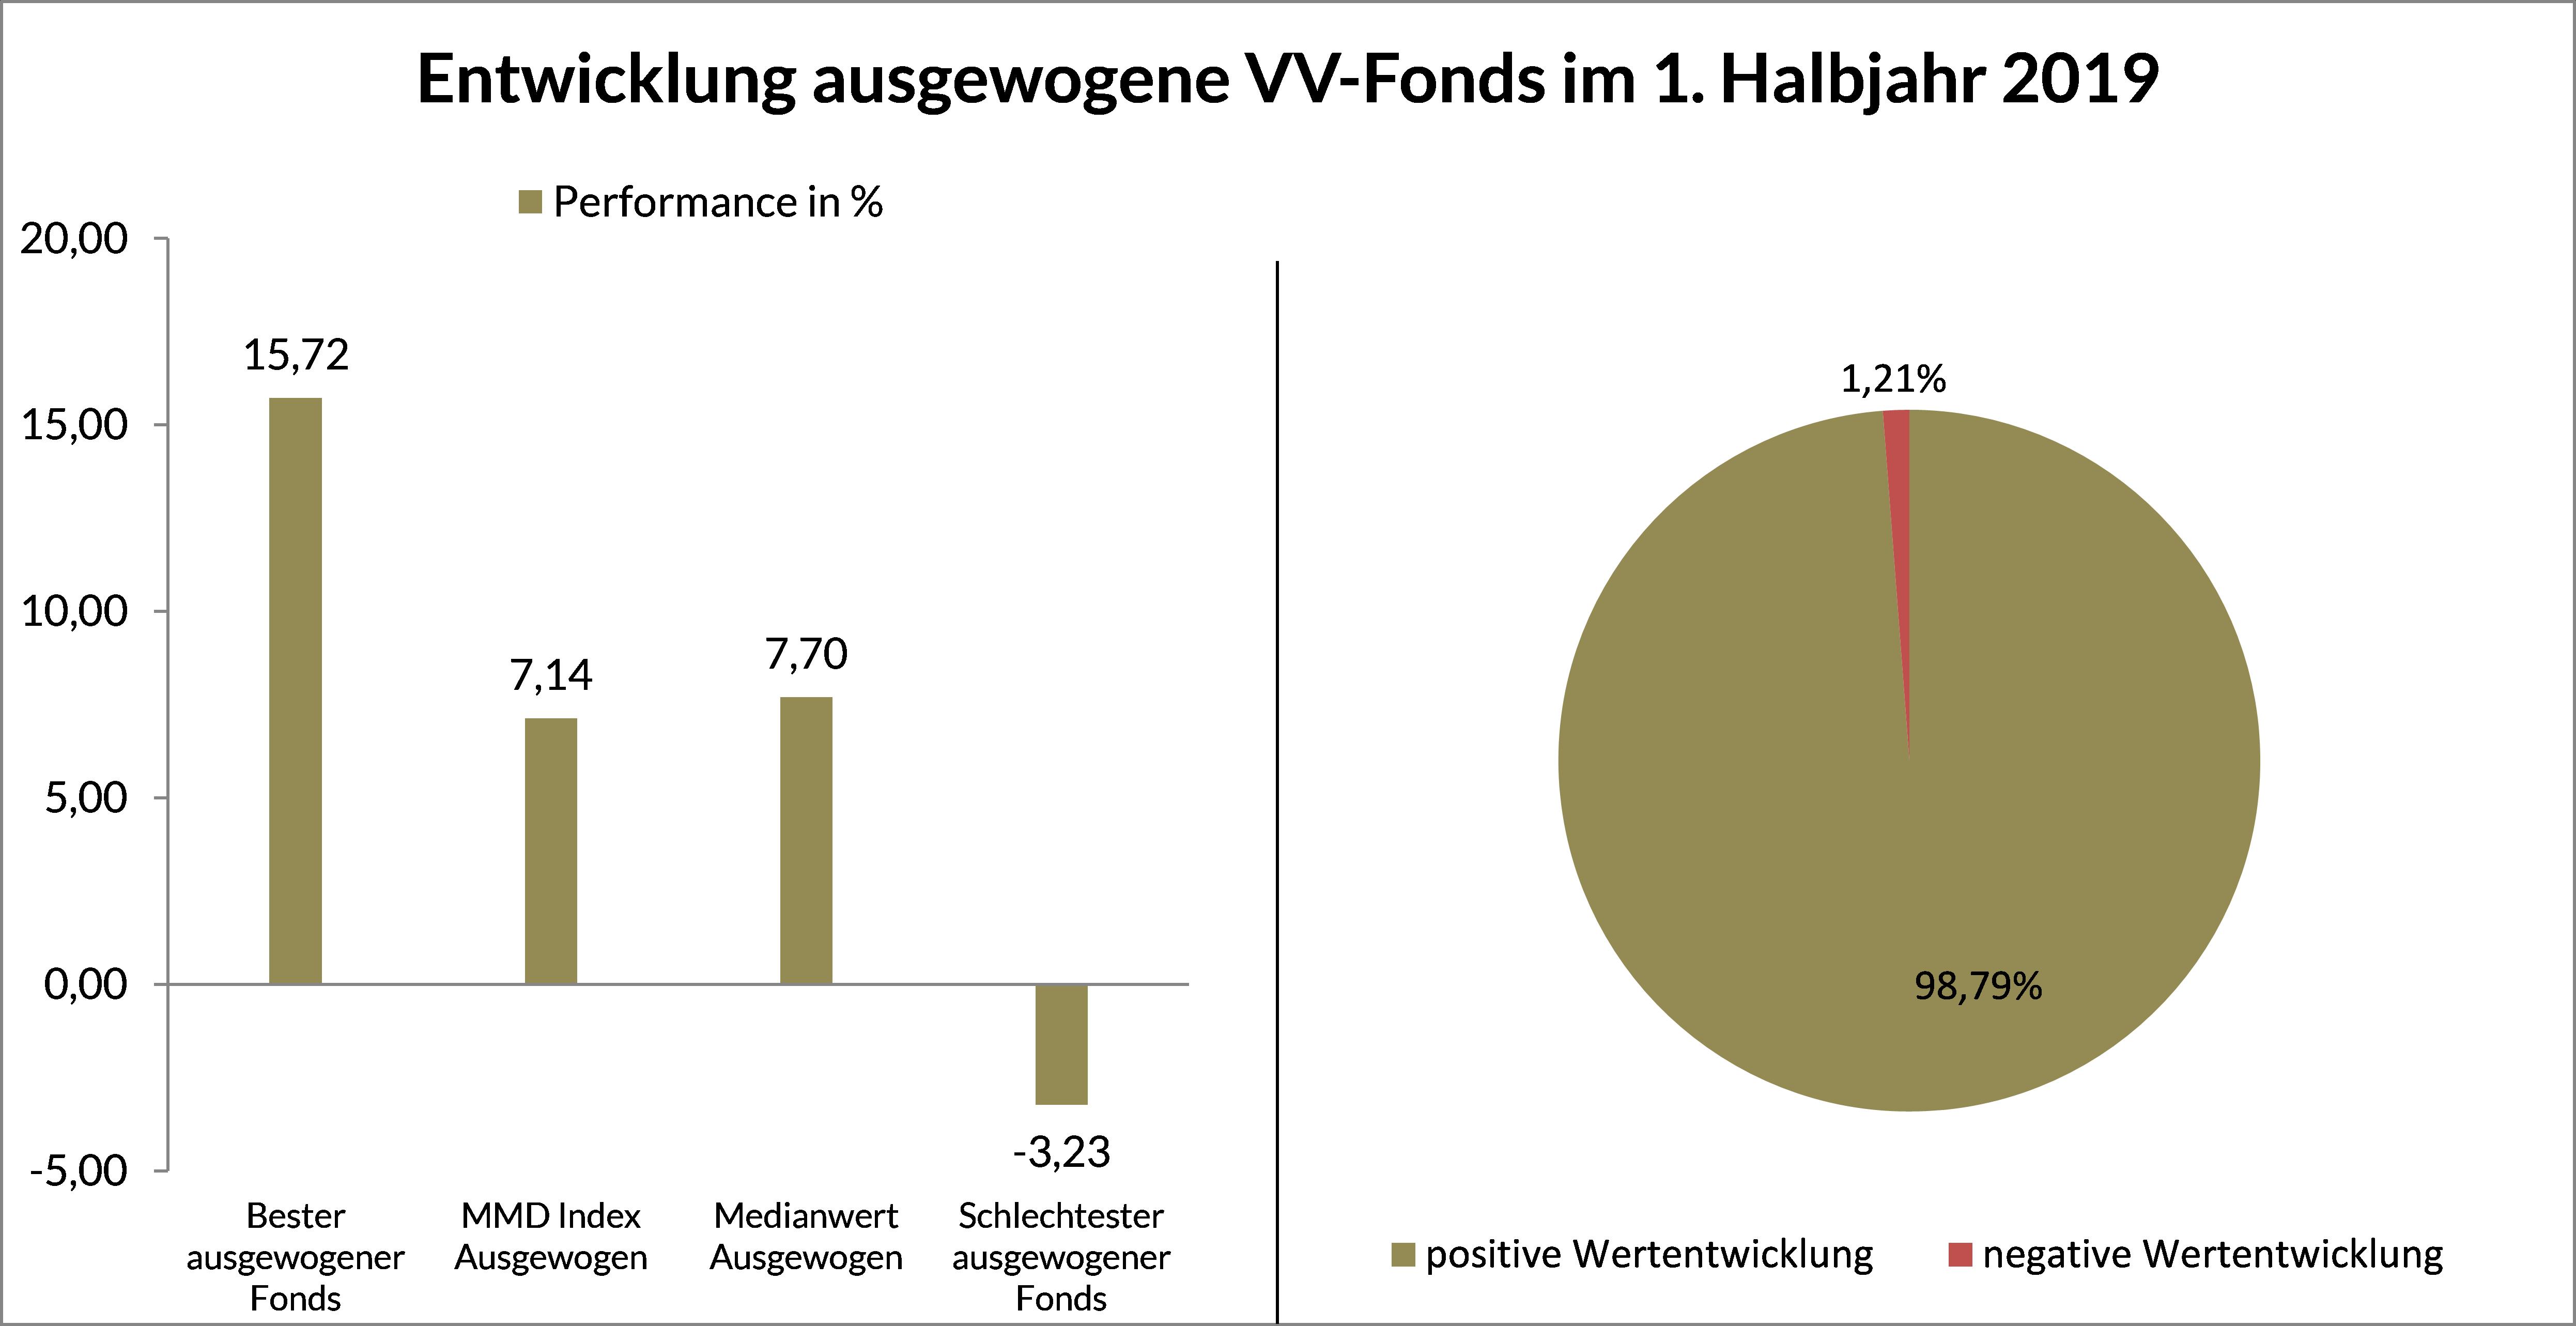 Grafik 3 - Entwicklung ausgewogene VV-Fonds HJ 1 2019